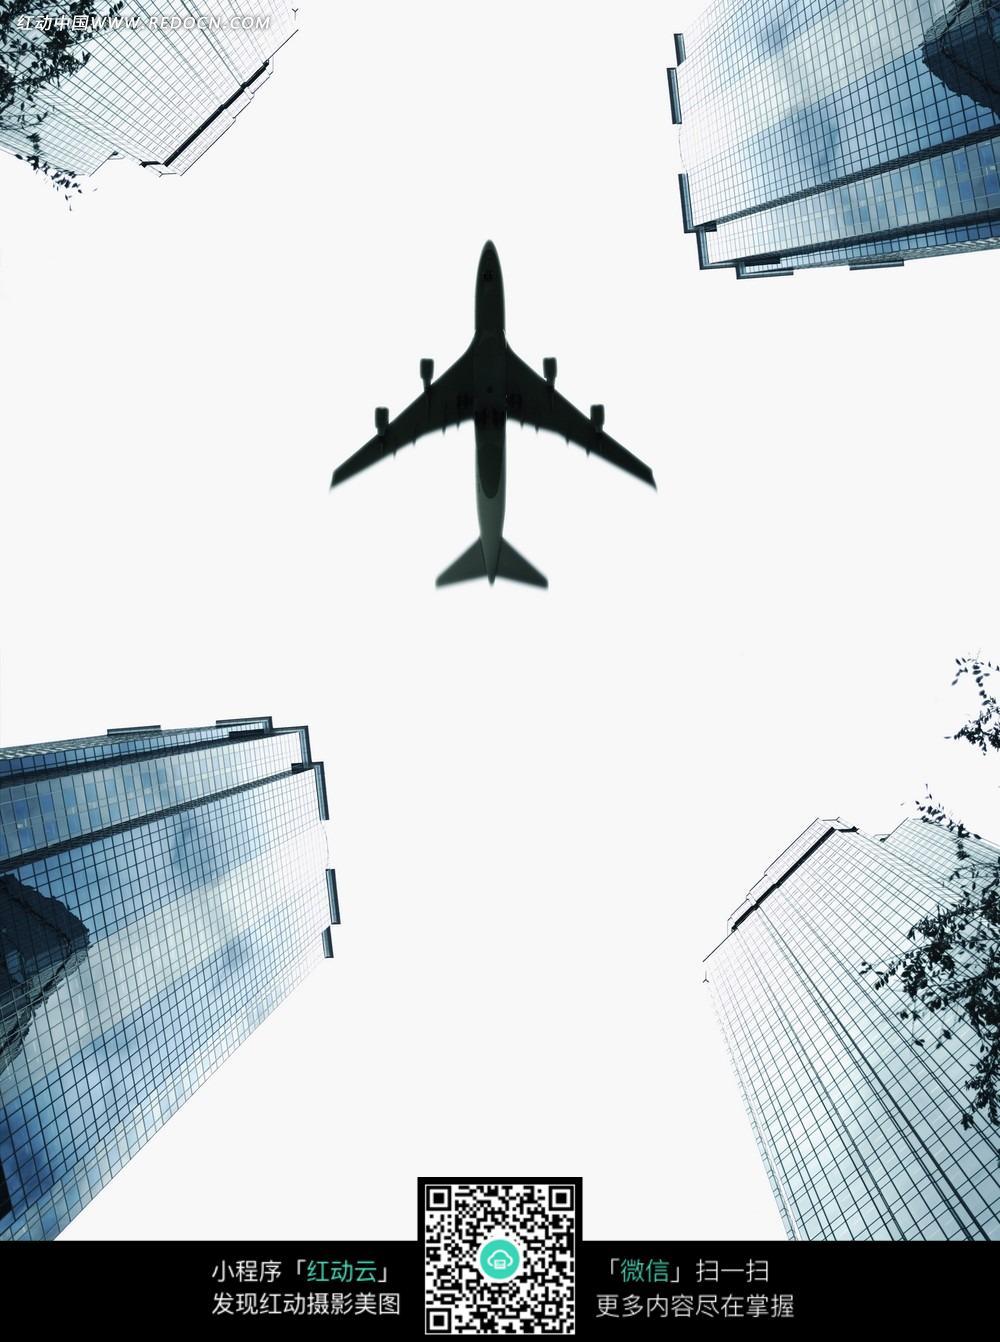 飞机_交通工具图片